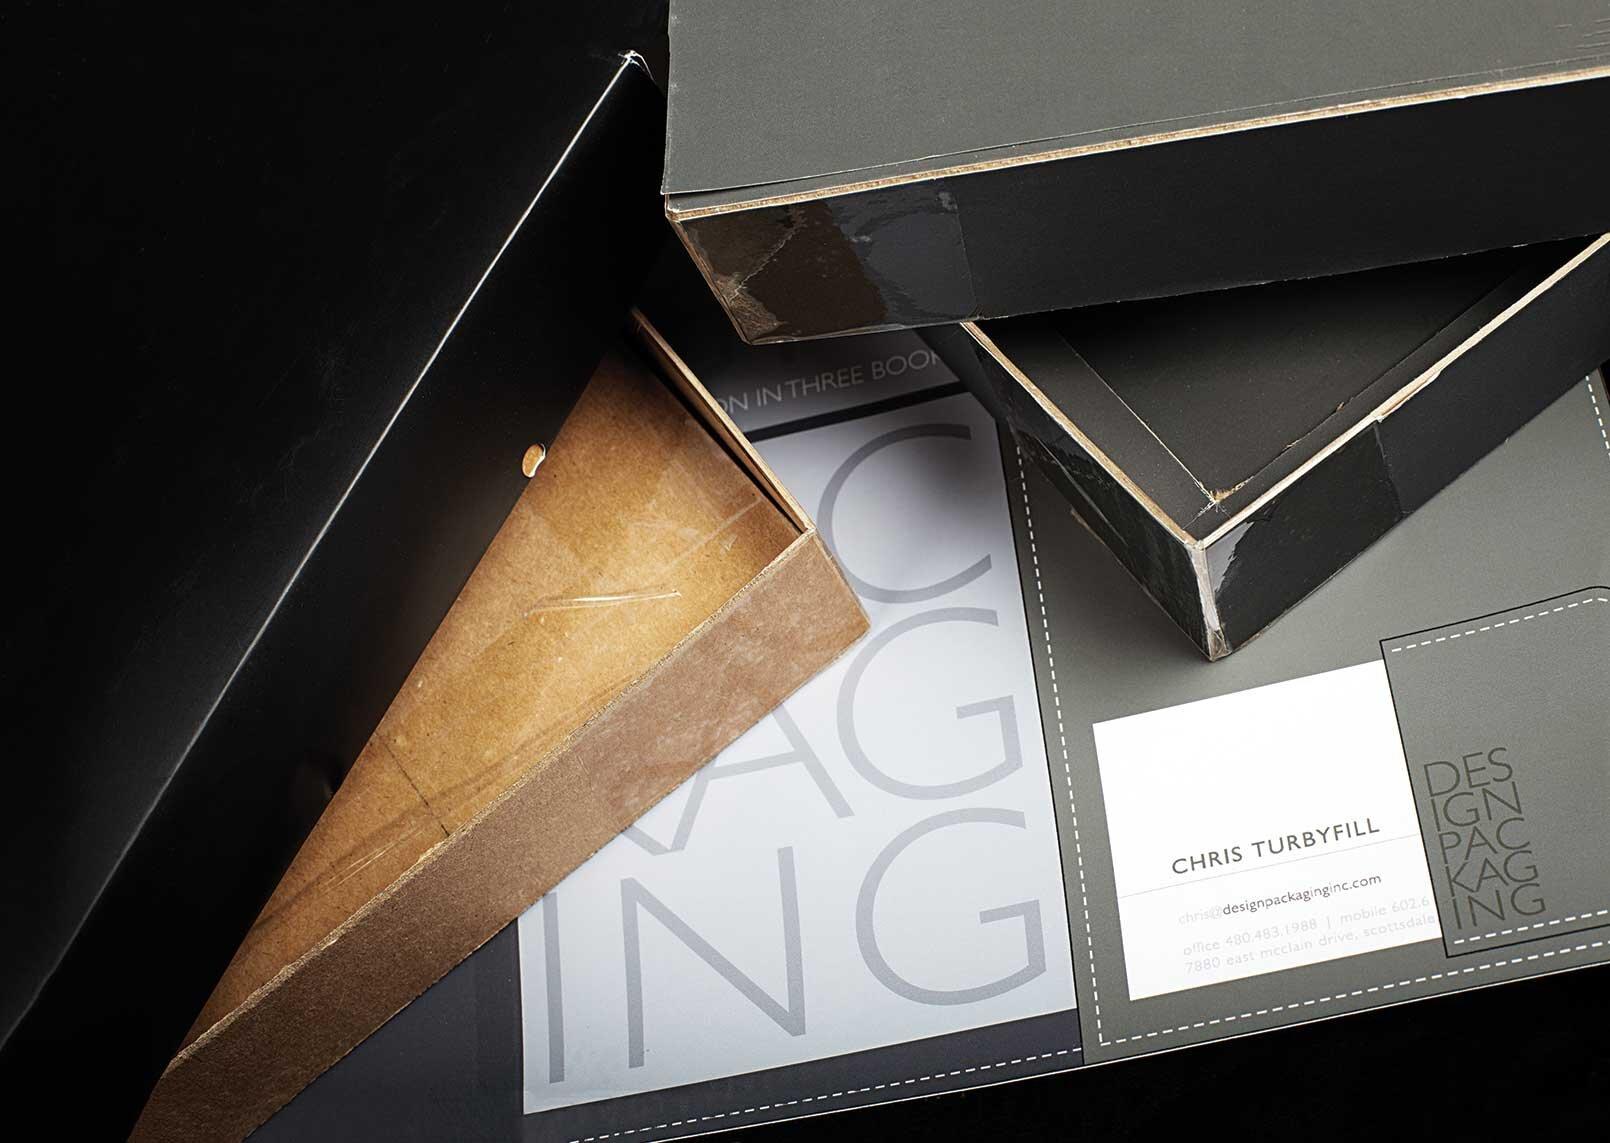 设计 - 包装 - 促销 - 奢华套装 - 刚性箱切割和缝合带-6.jpg